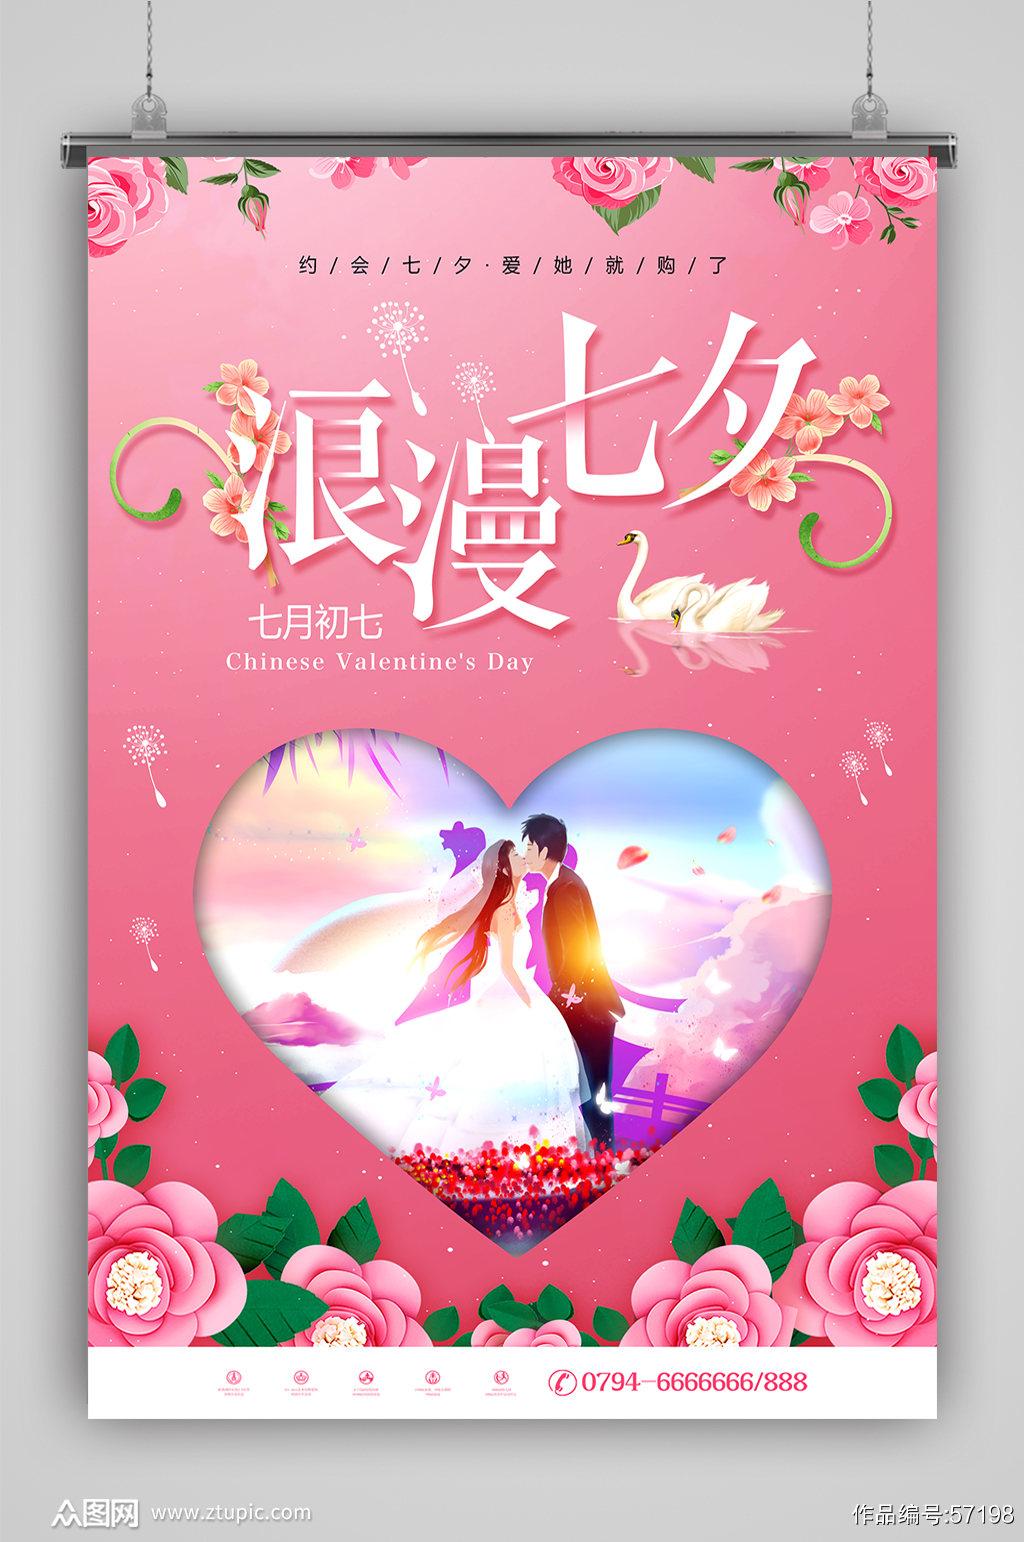 天使七夕情人节 剪纸素材